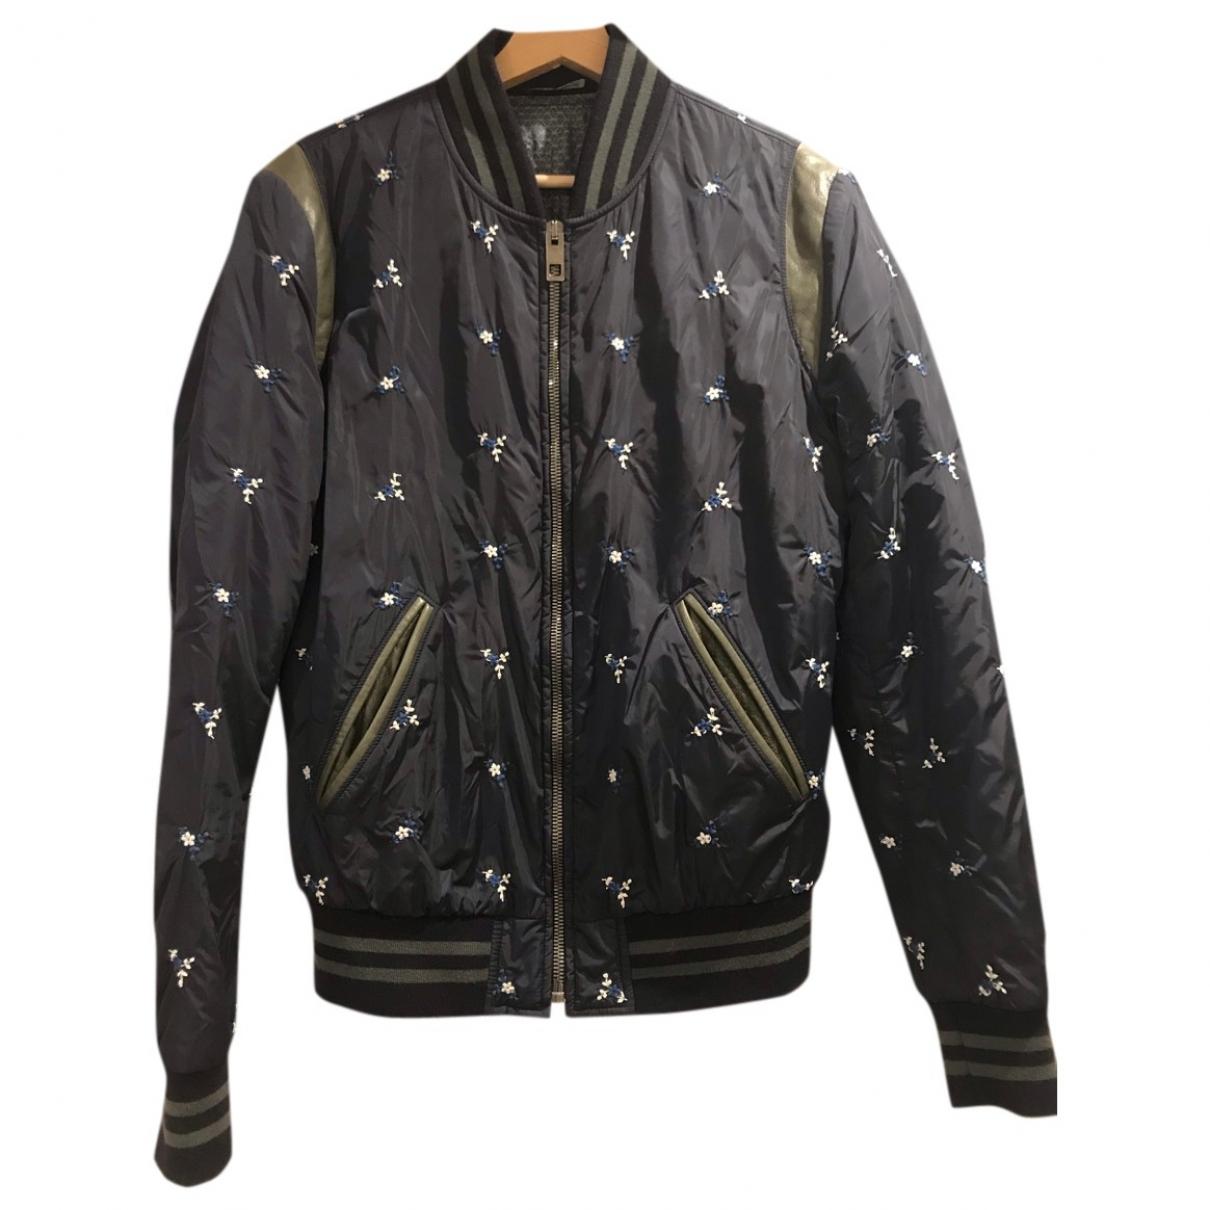 Dolce & Gabbana - Vestes.Blousons   pour homme - marine